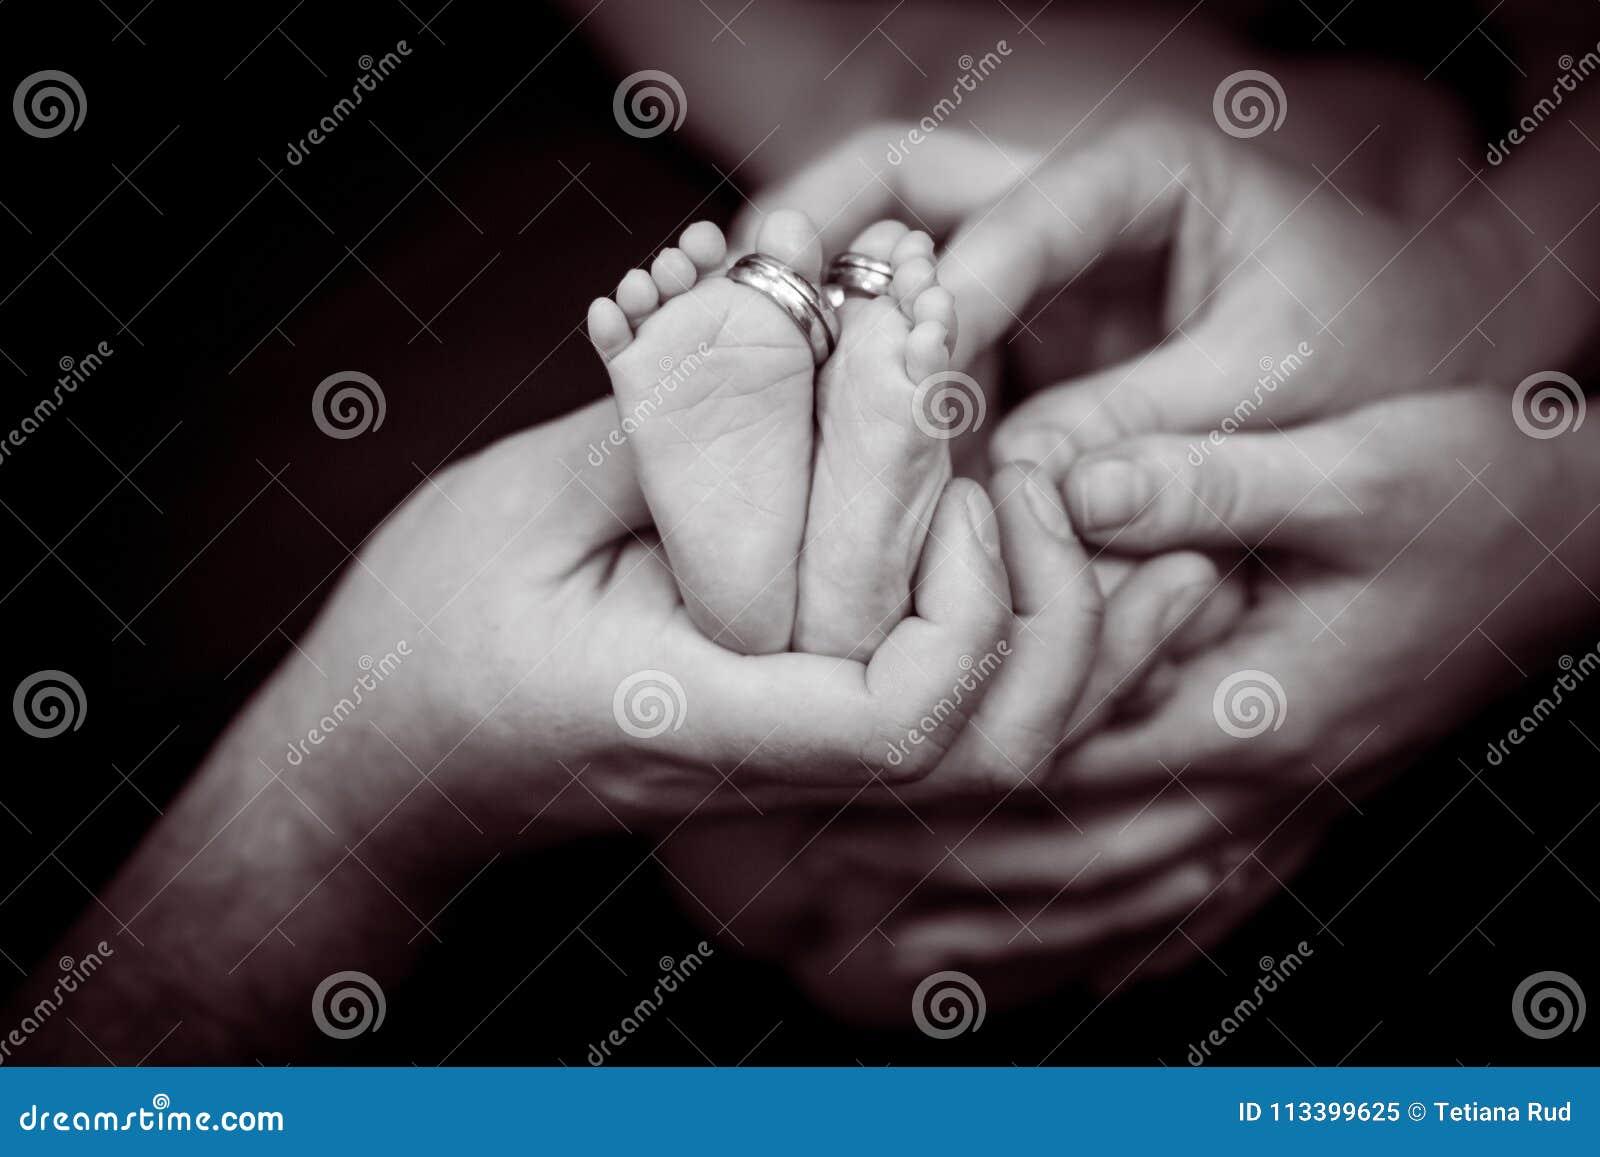 πόδια μωρών οικογένεια έννοιας ευτ& Όμορφη εννοιολογική εικόνα της μητρότητας